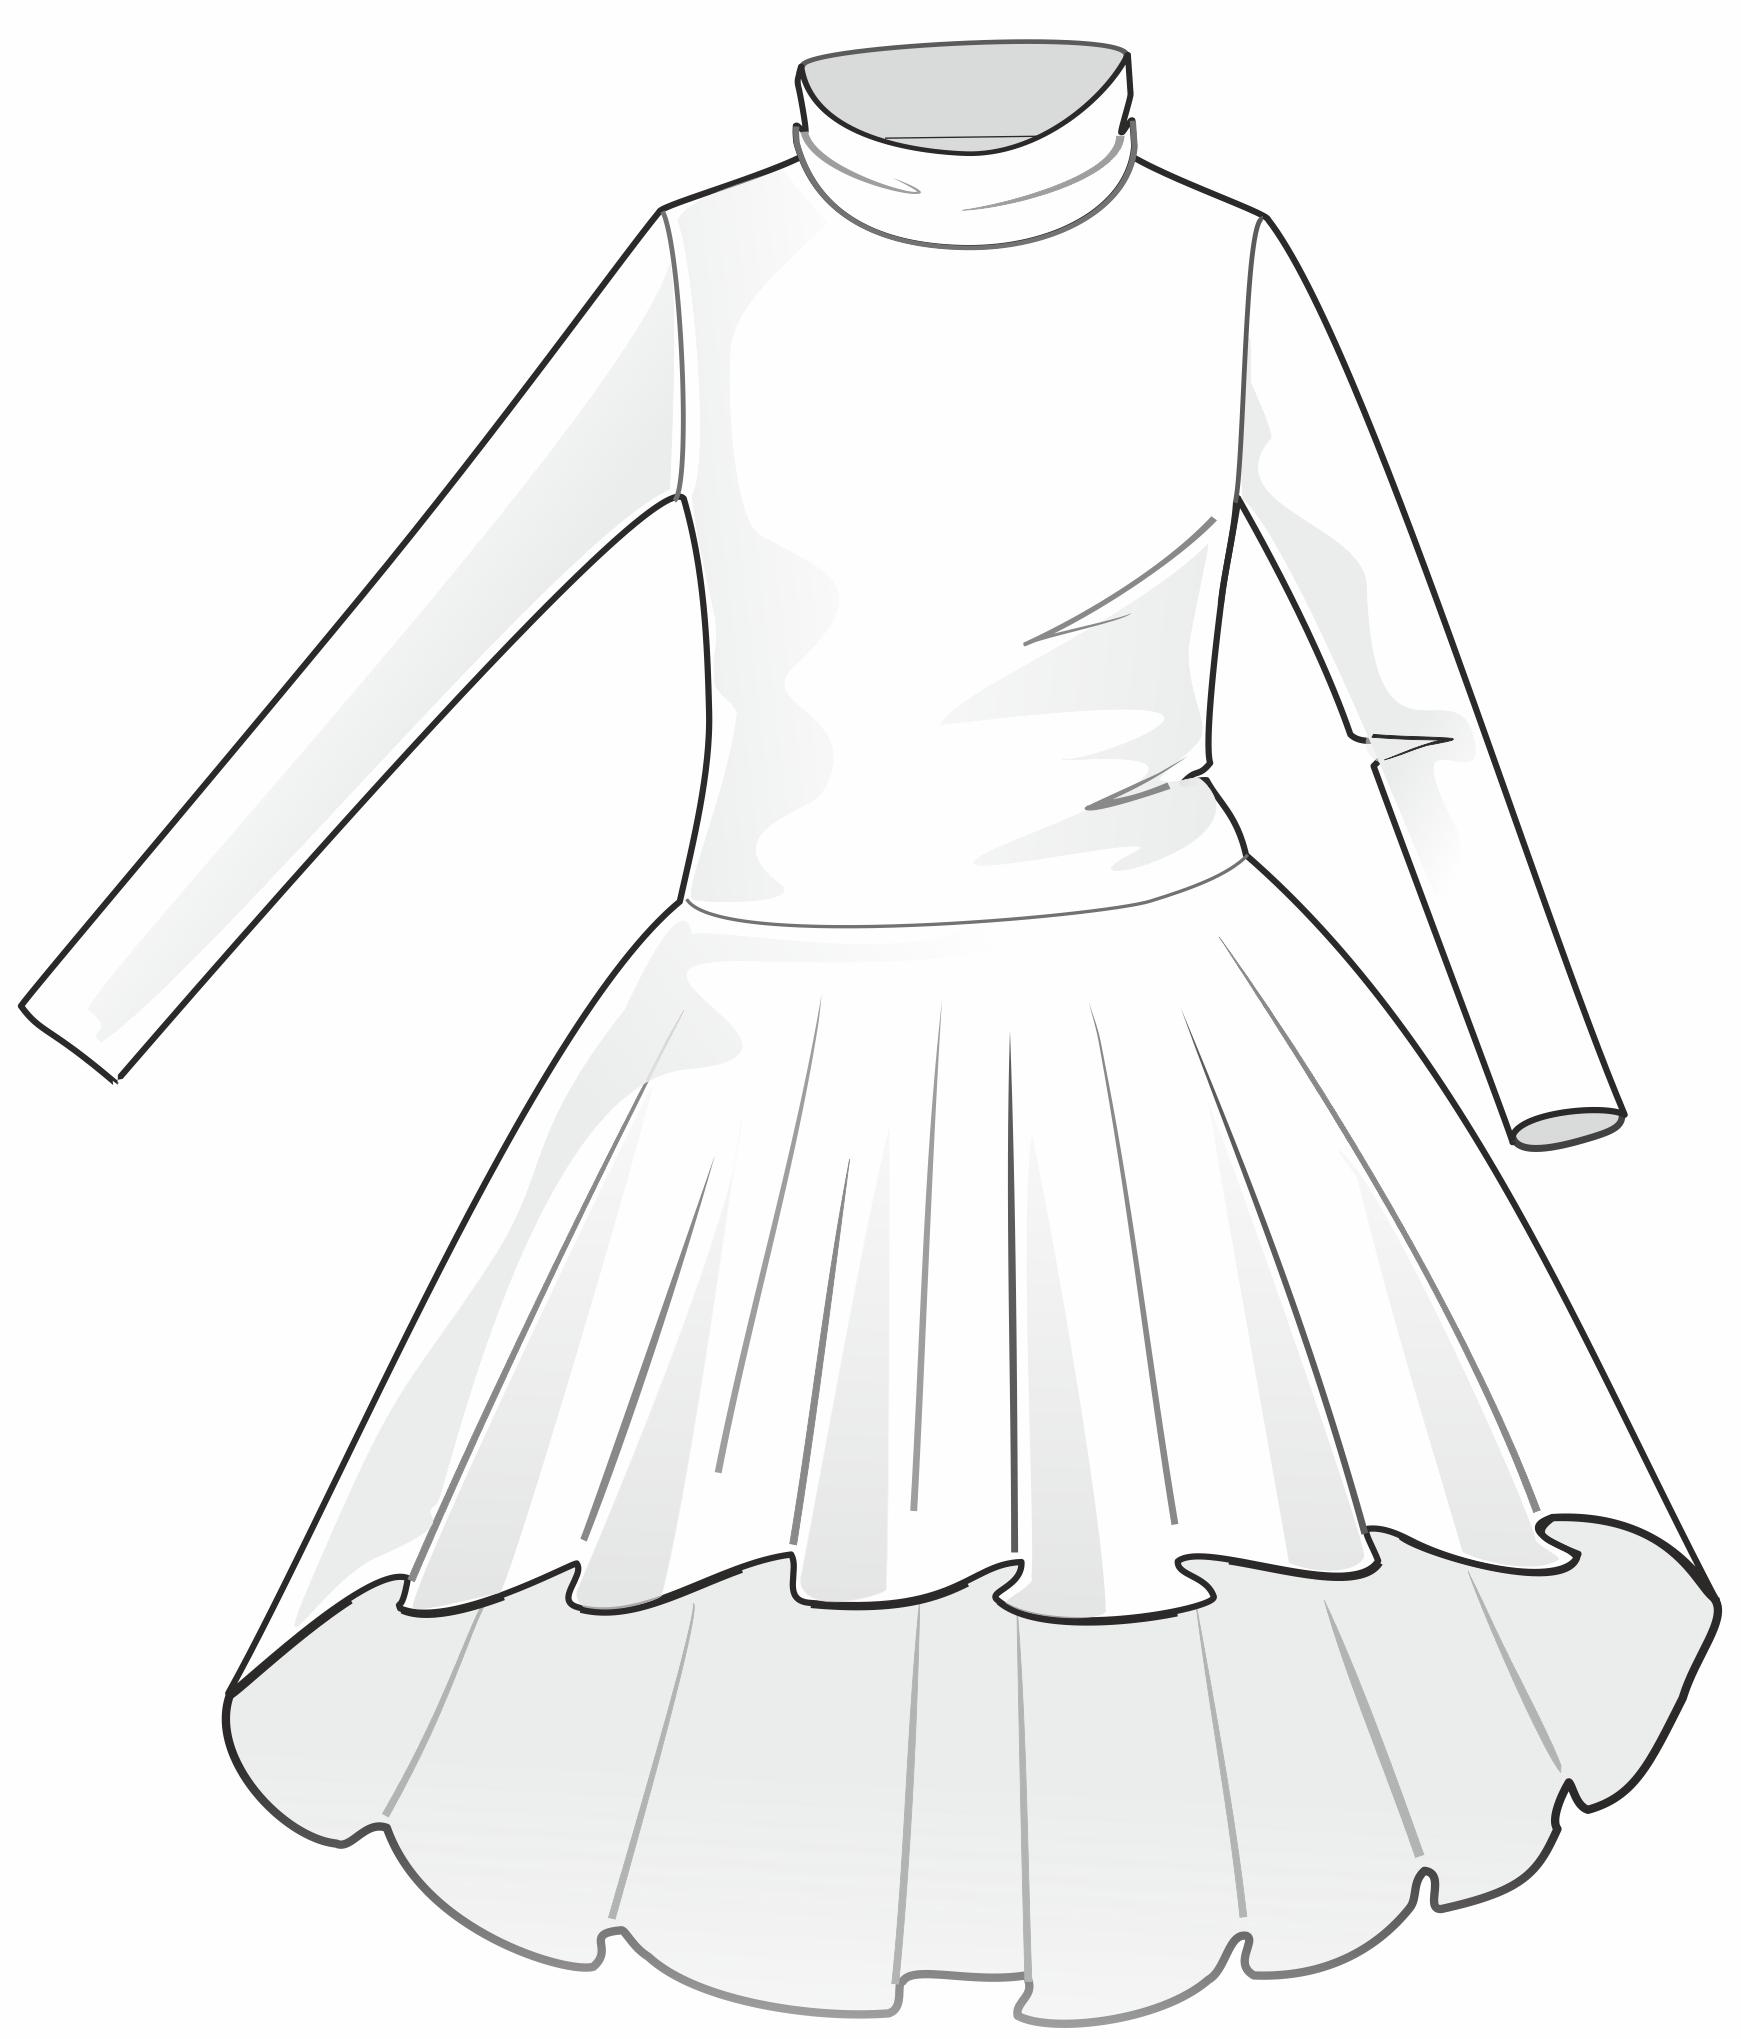 Valkoinen mekko.